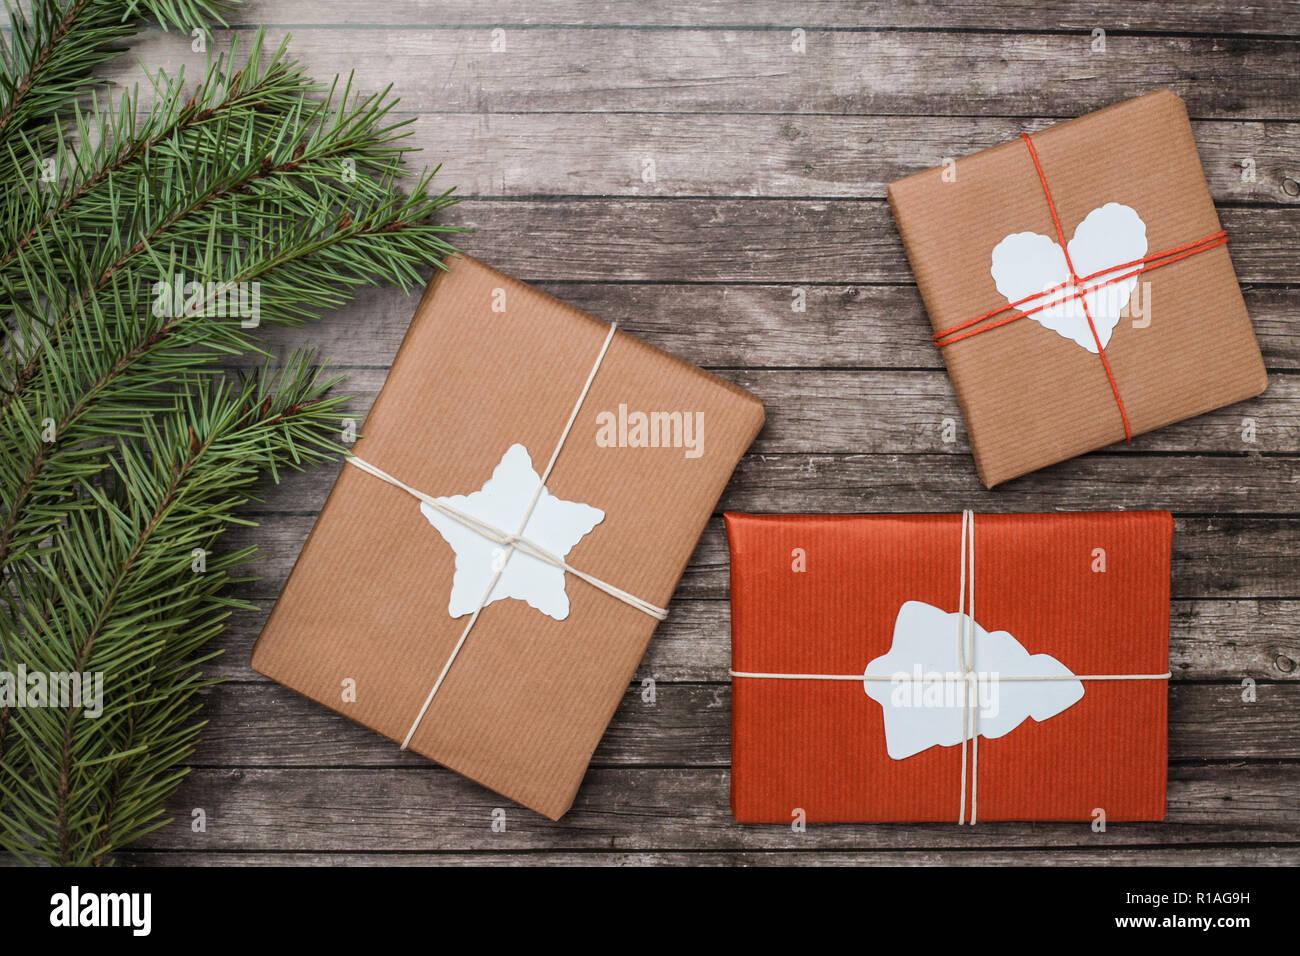 Regali Di Natale In Legno.Regali Di Natale Con Abete Bianco Su Sfondo Di Legno Foto Immagine